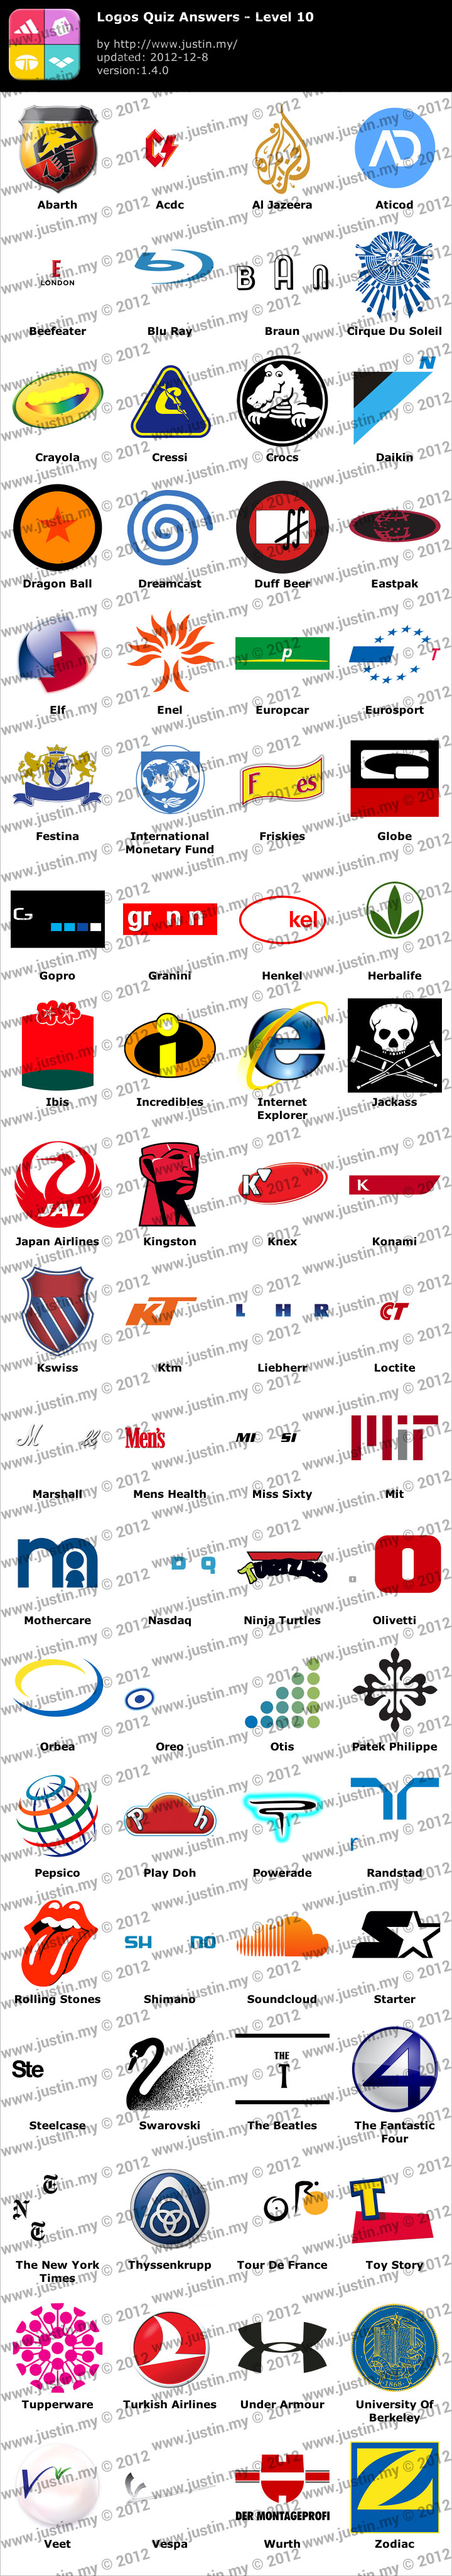 Logos Quiz Level 10